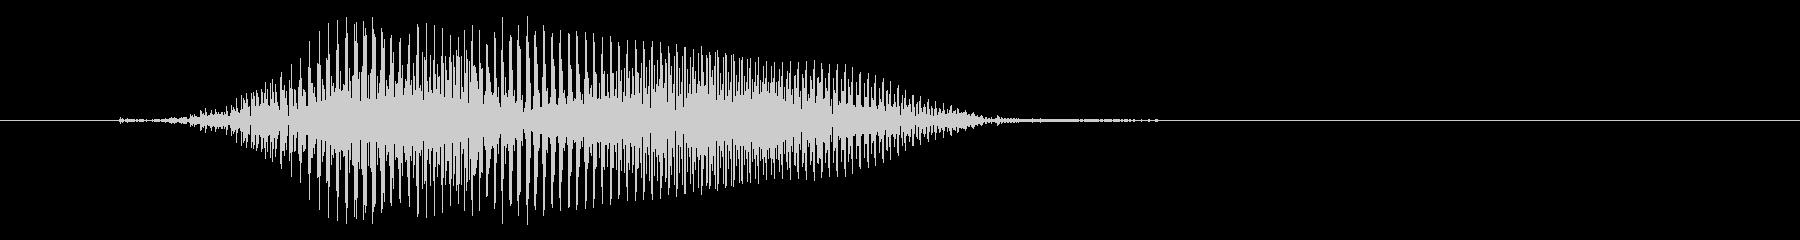 やっ!(Type-A)の未再生の波形